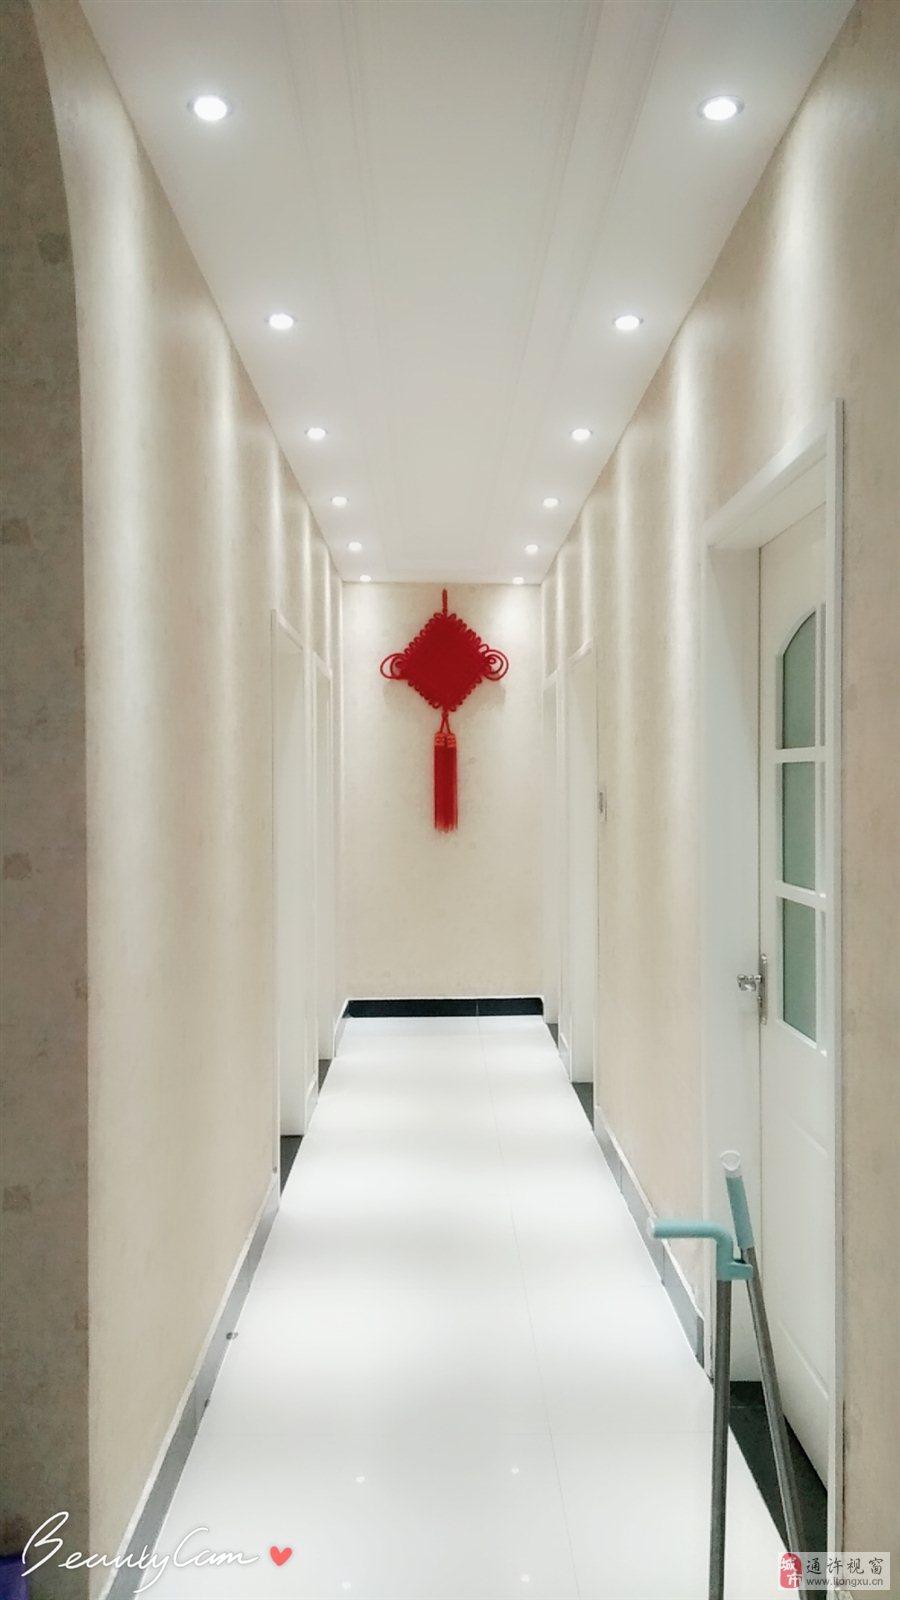 瑞通嘉园4室 2厅 2卫